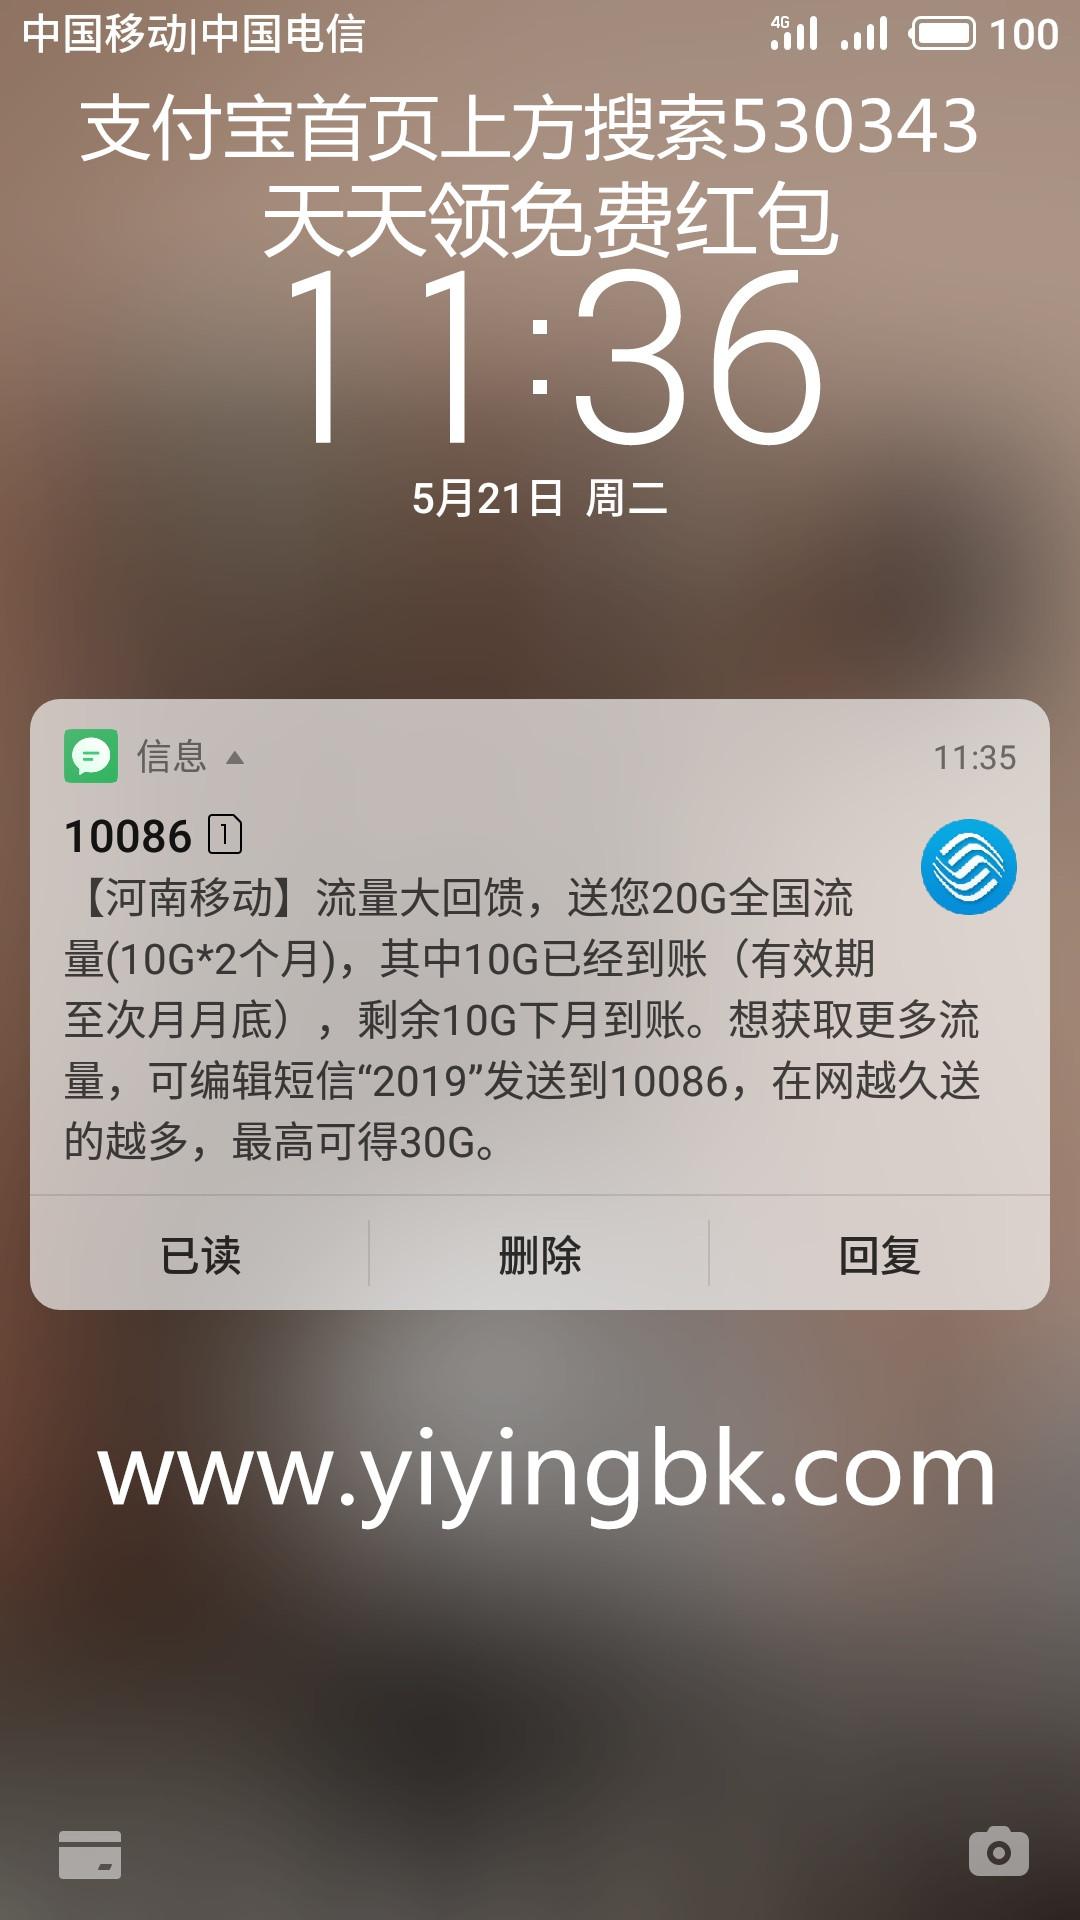 中国移动免费送20G流量